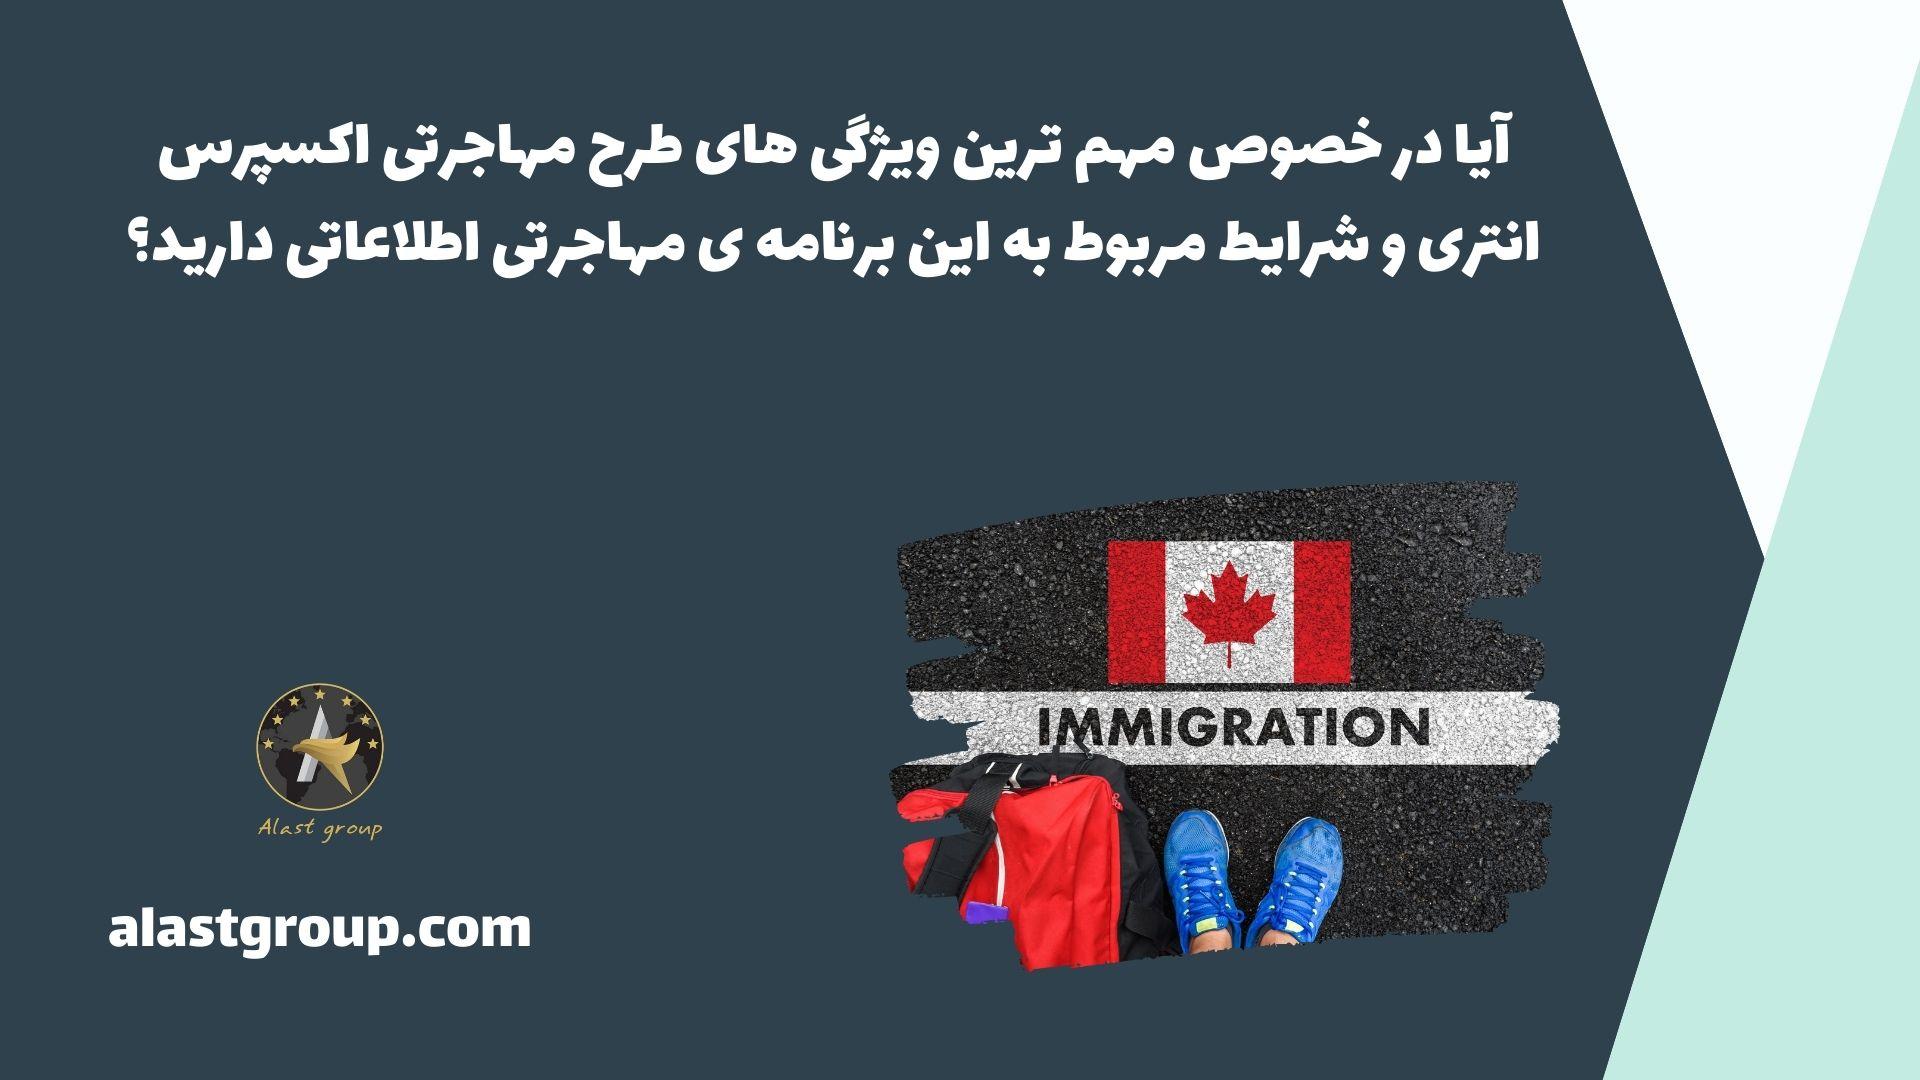 آیا در خصوص مهم ترین ویژگی های طرح مهاجرتی اکسپرس انتری و شرایط مربوط به این برنامه ی مهاجرتی اطلاعاتی دارید؟